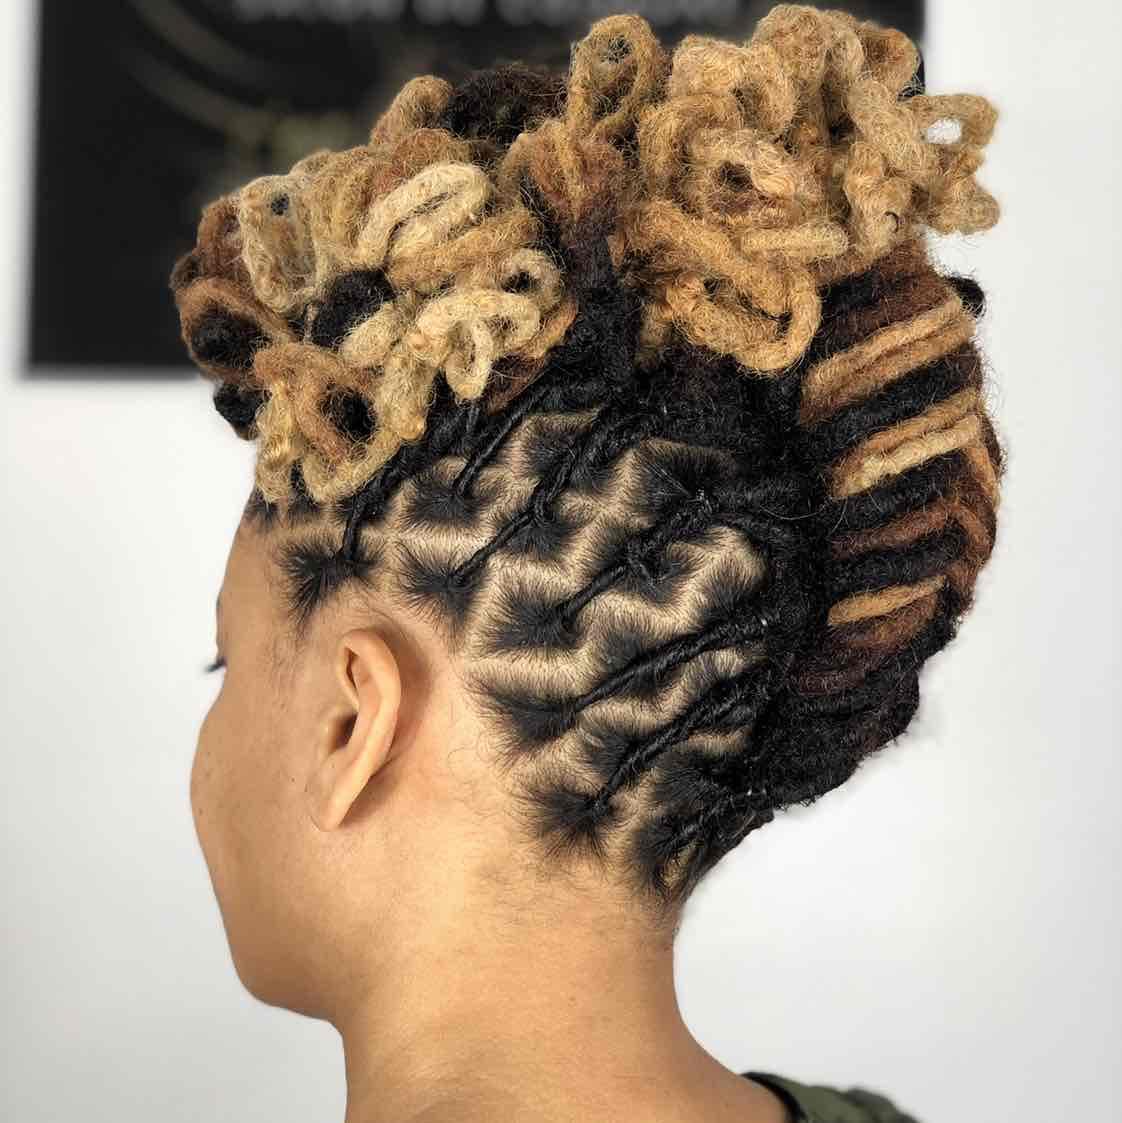 salon de coiffure afro tresse tresses box braids crochet braids vanilles tissages paris 75 77 78 91 92 93 94 95 CXFQPYME